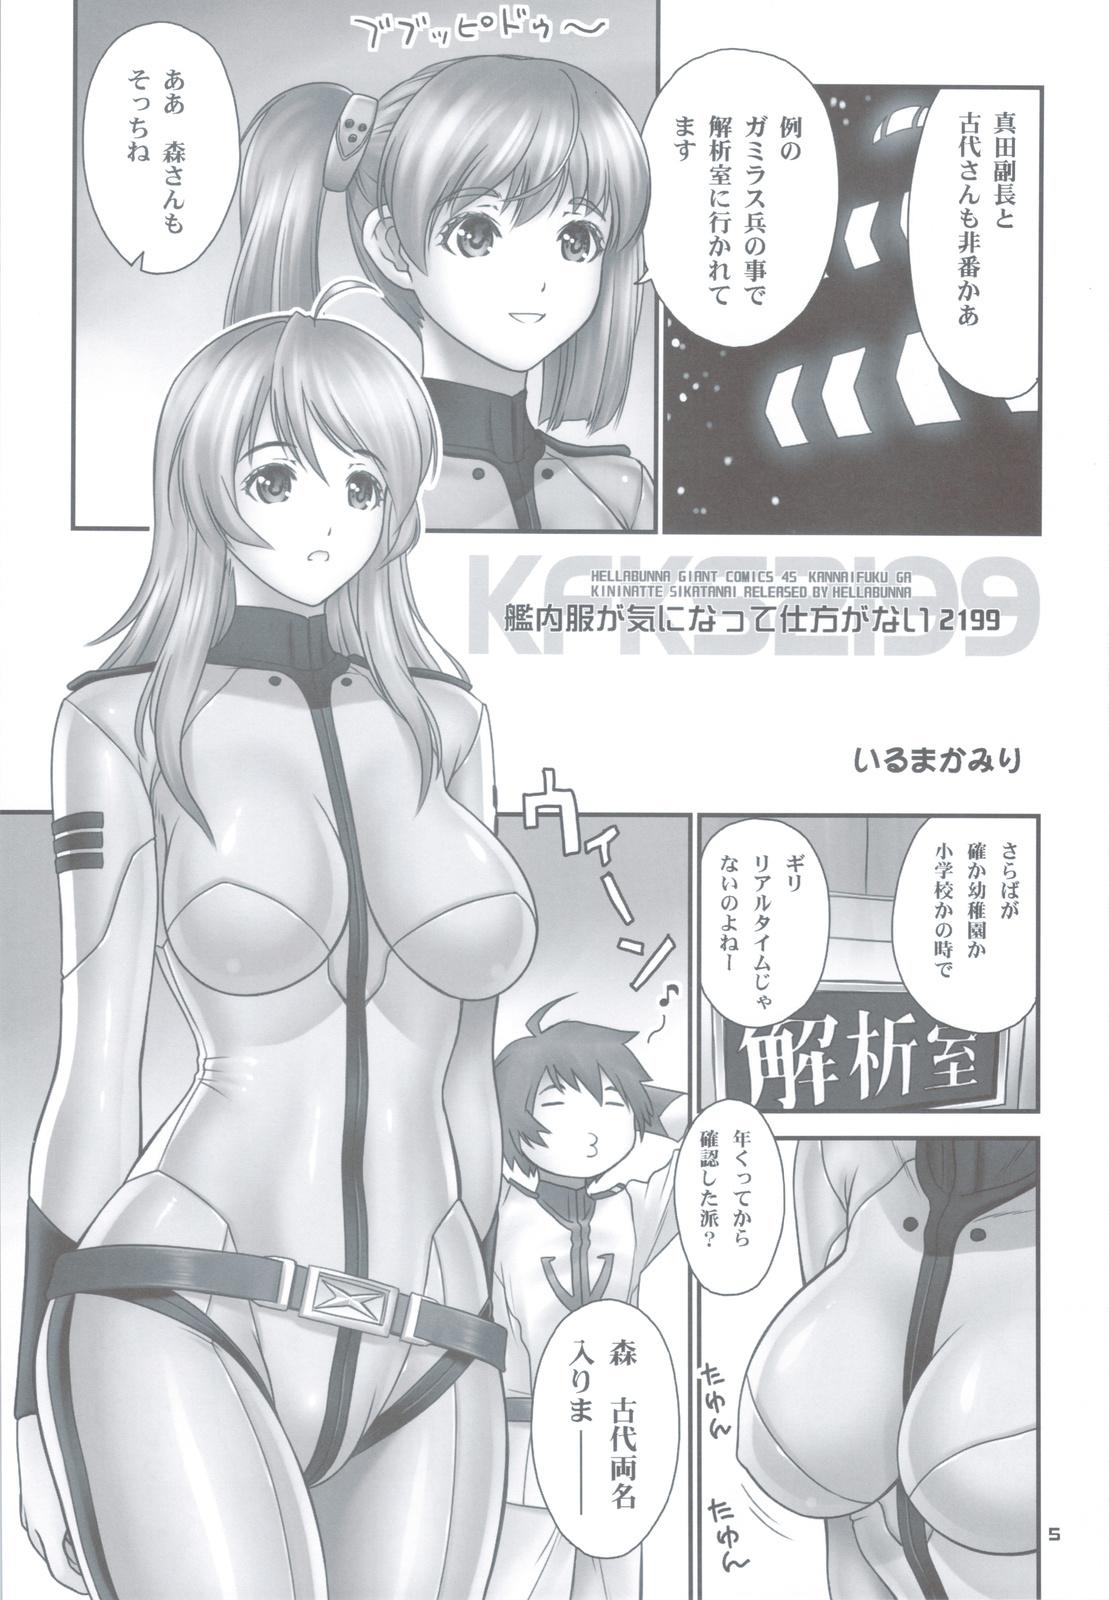 Kannaifuku ga Ki ni Natte Shikata ga Nai 2199 + Omake Bon 3